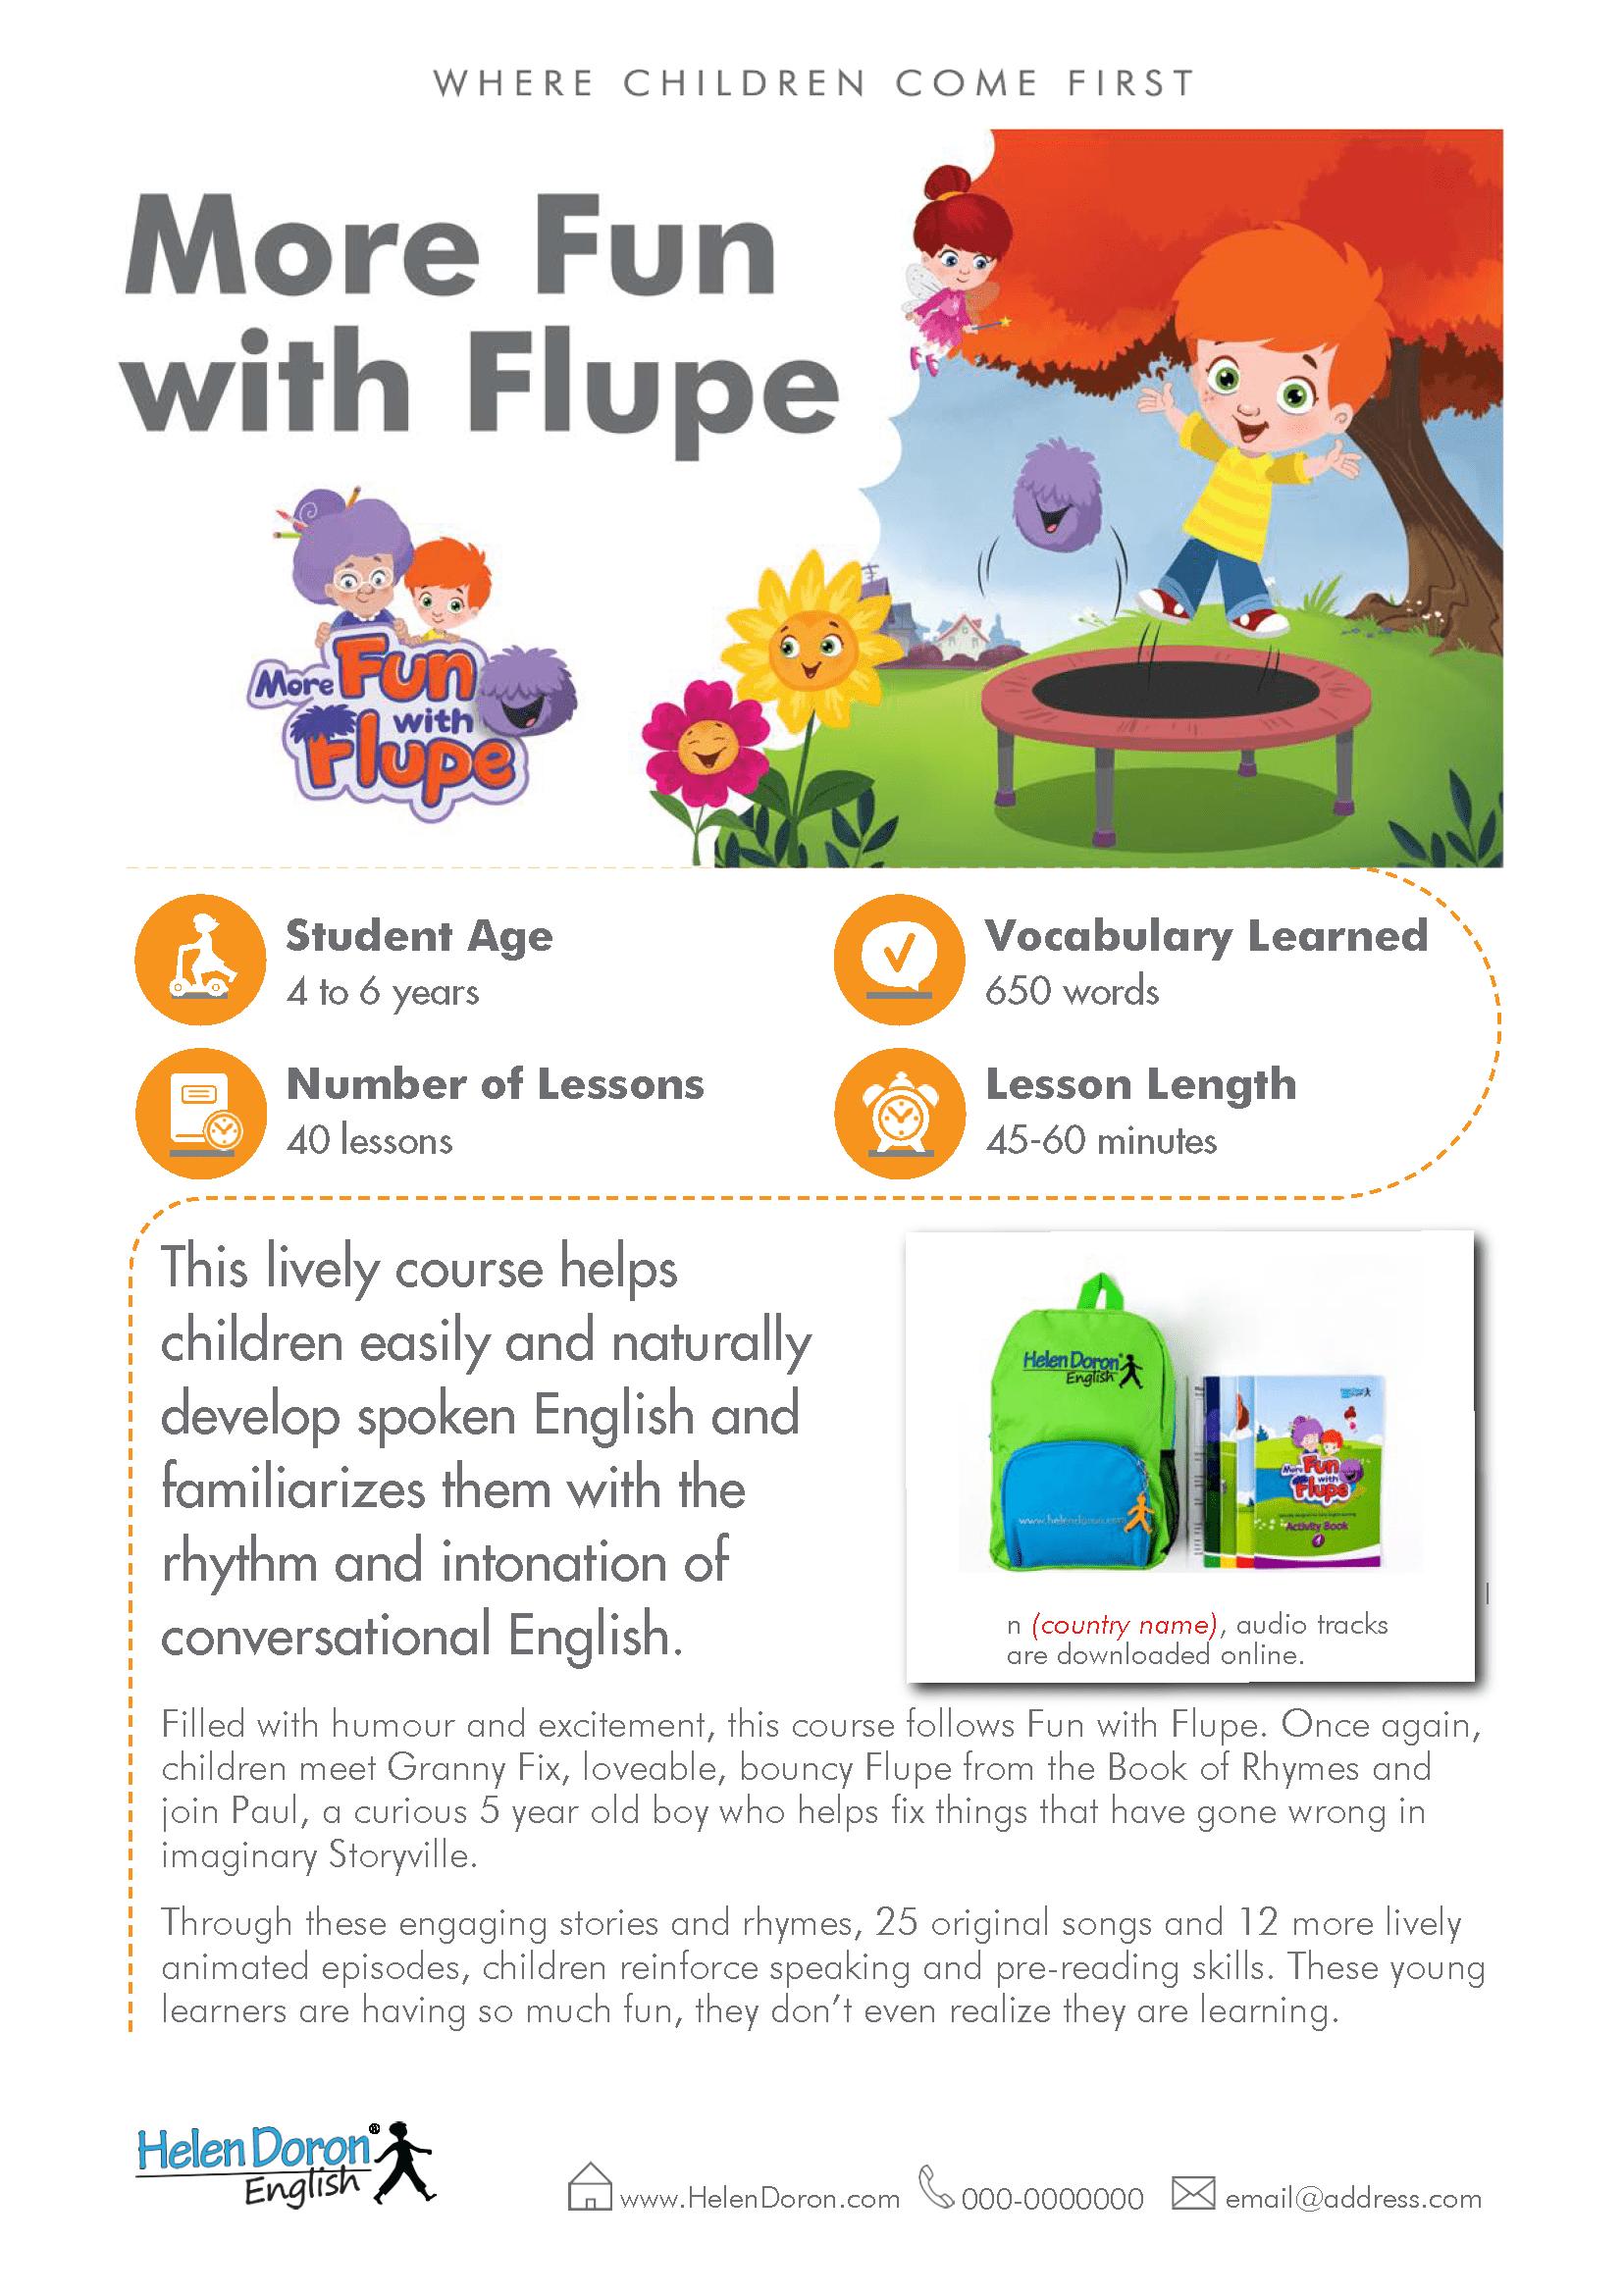 Descargar - More Fun with Flupe